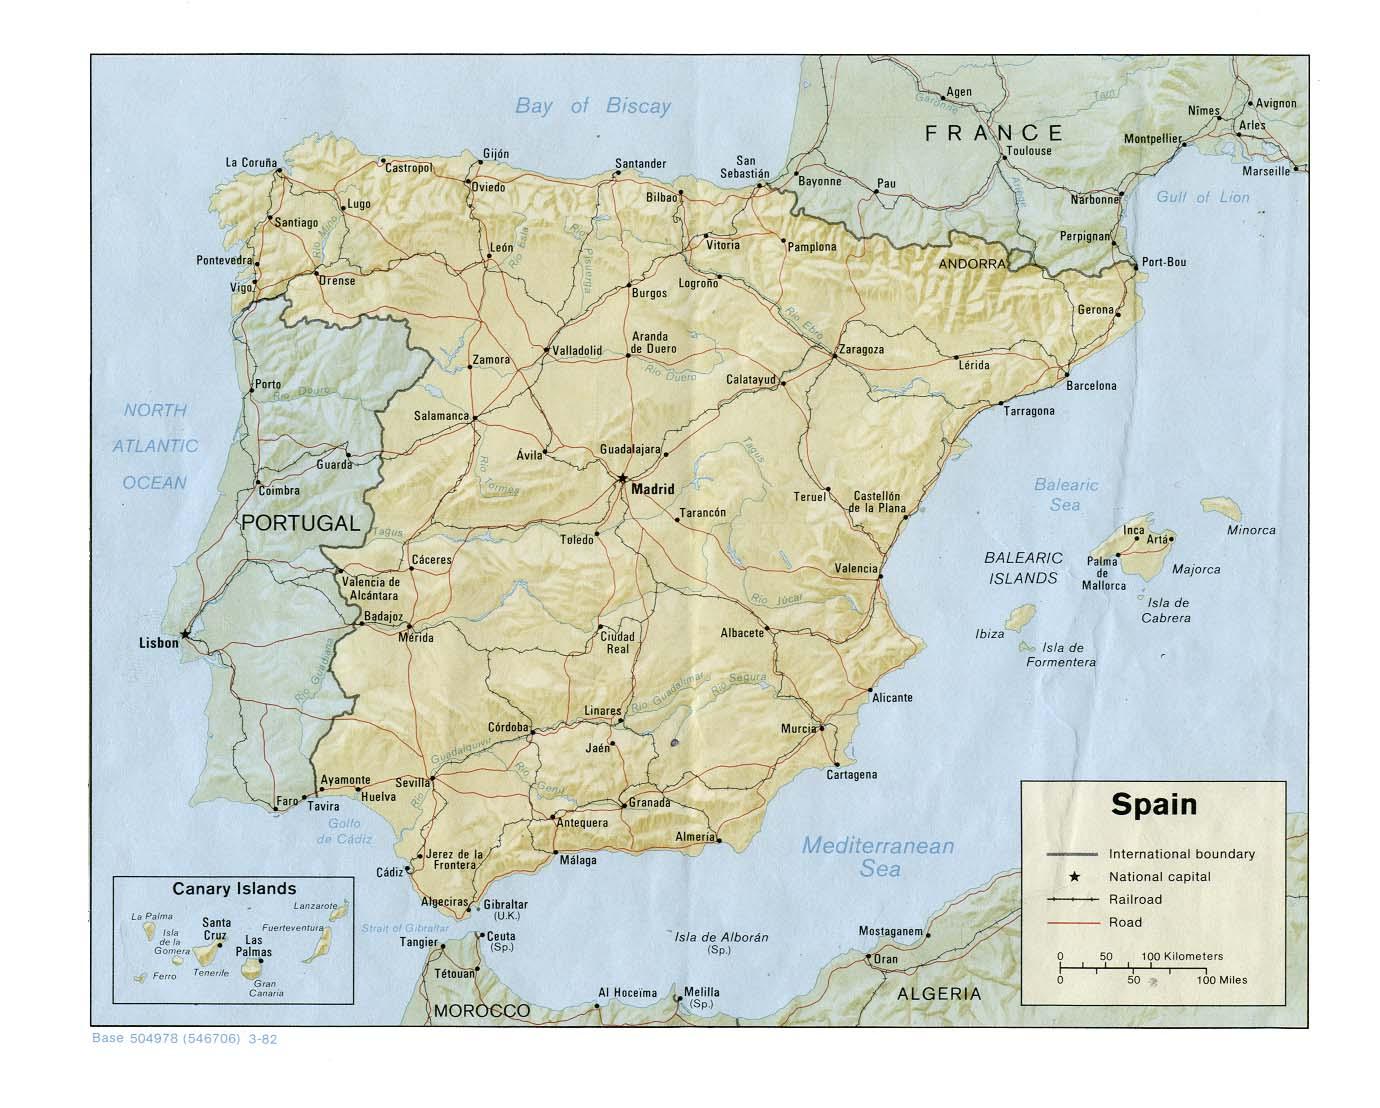 karta spanije New Page 1 karta spanije